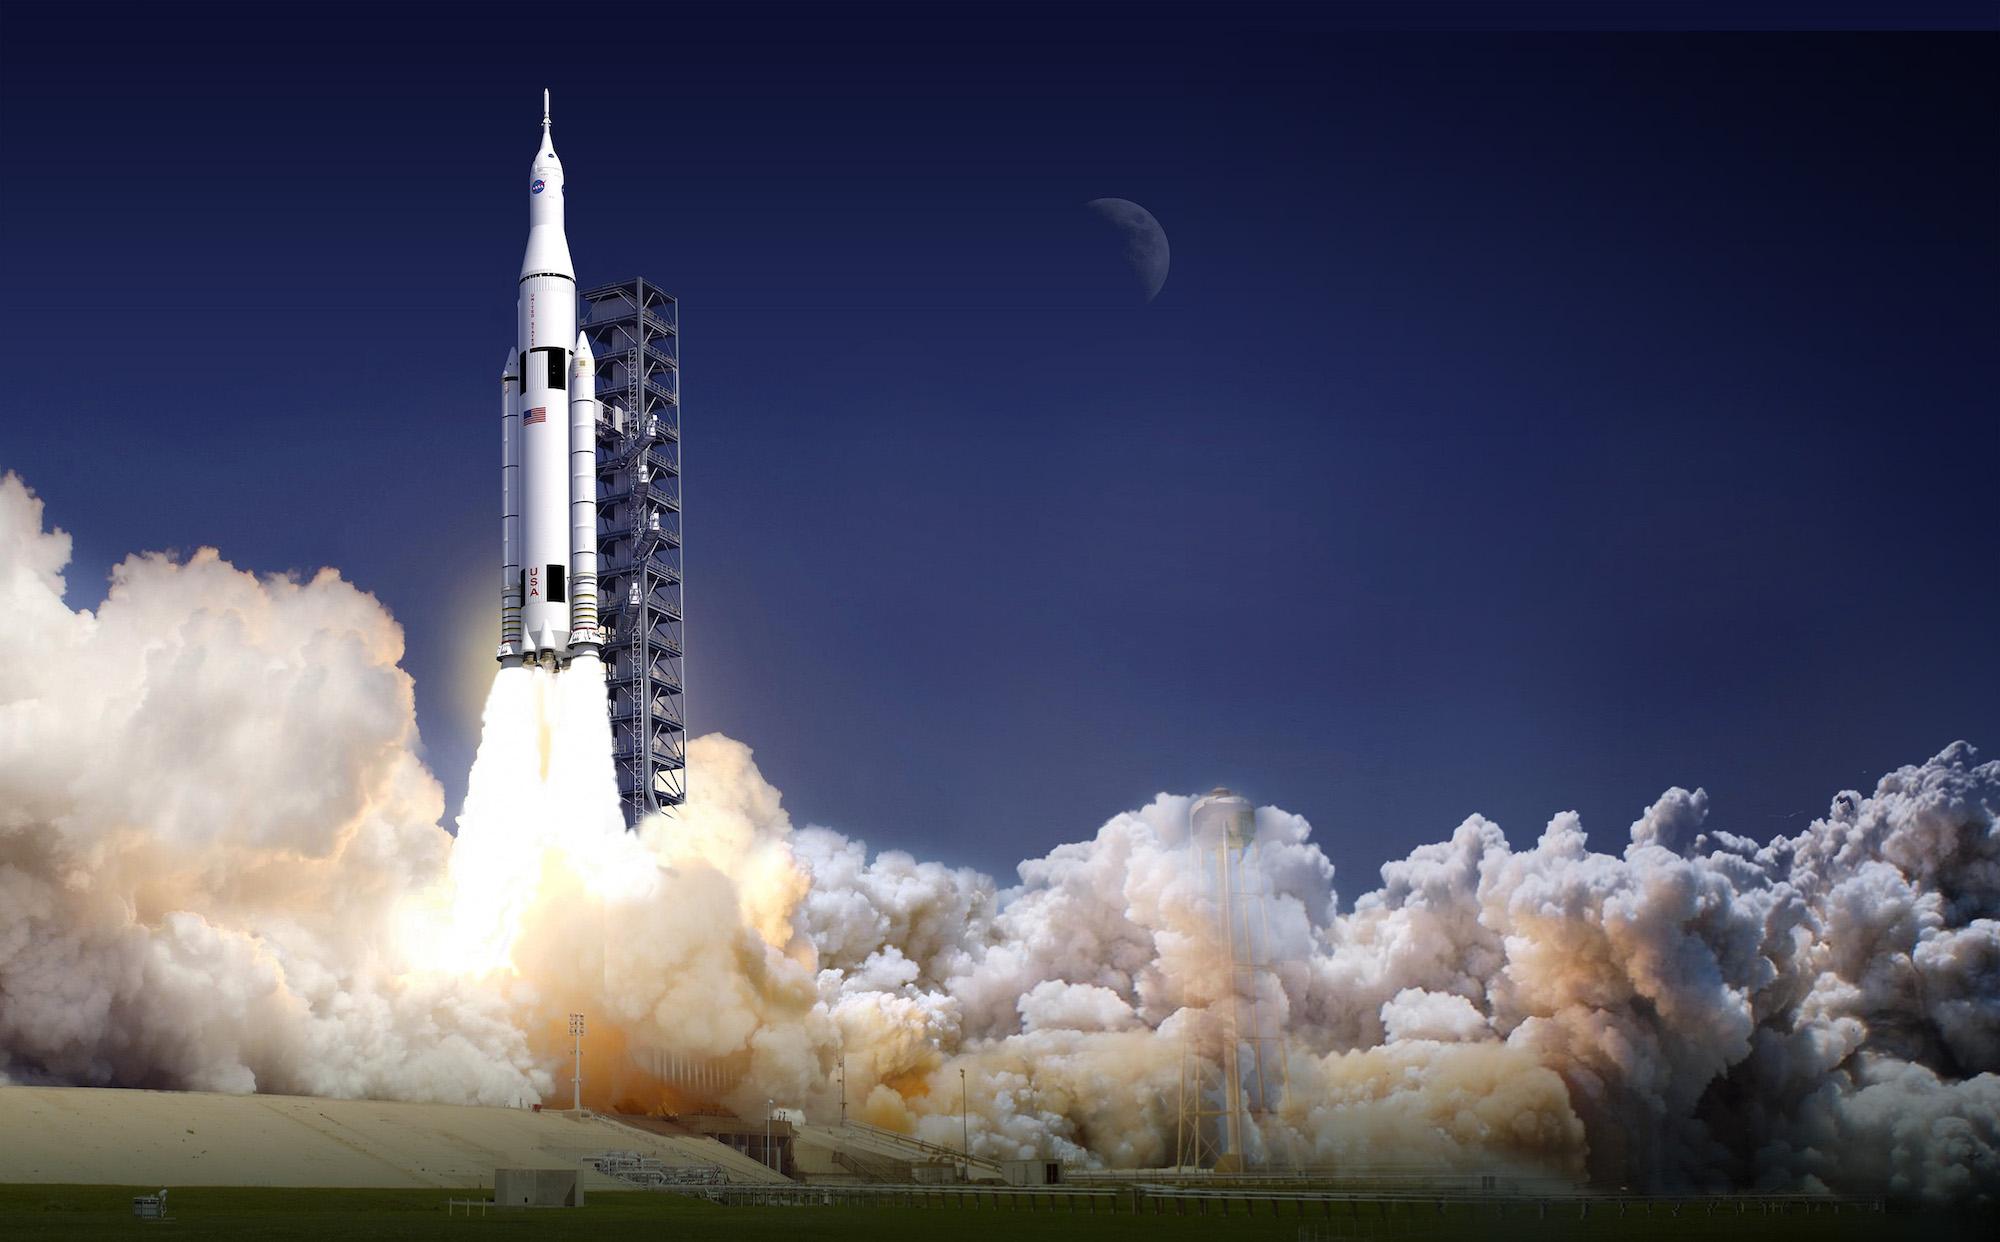 Vue d'artiste du futur lanceur SLS, plus puissant que la Saturn V des vols Apollo